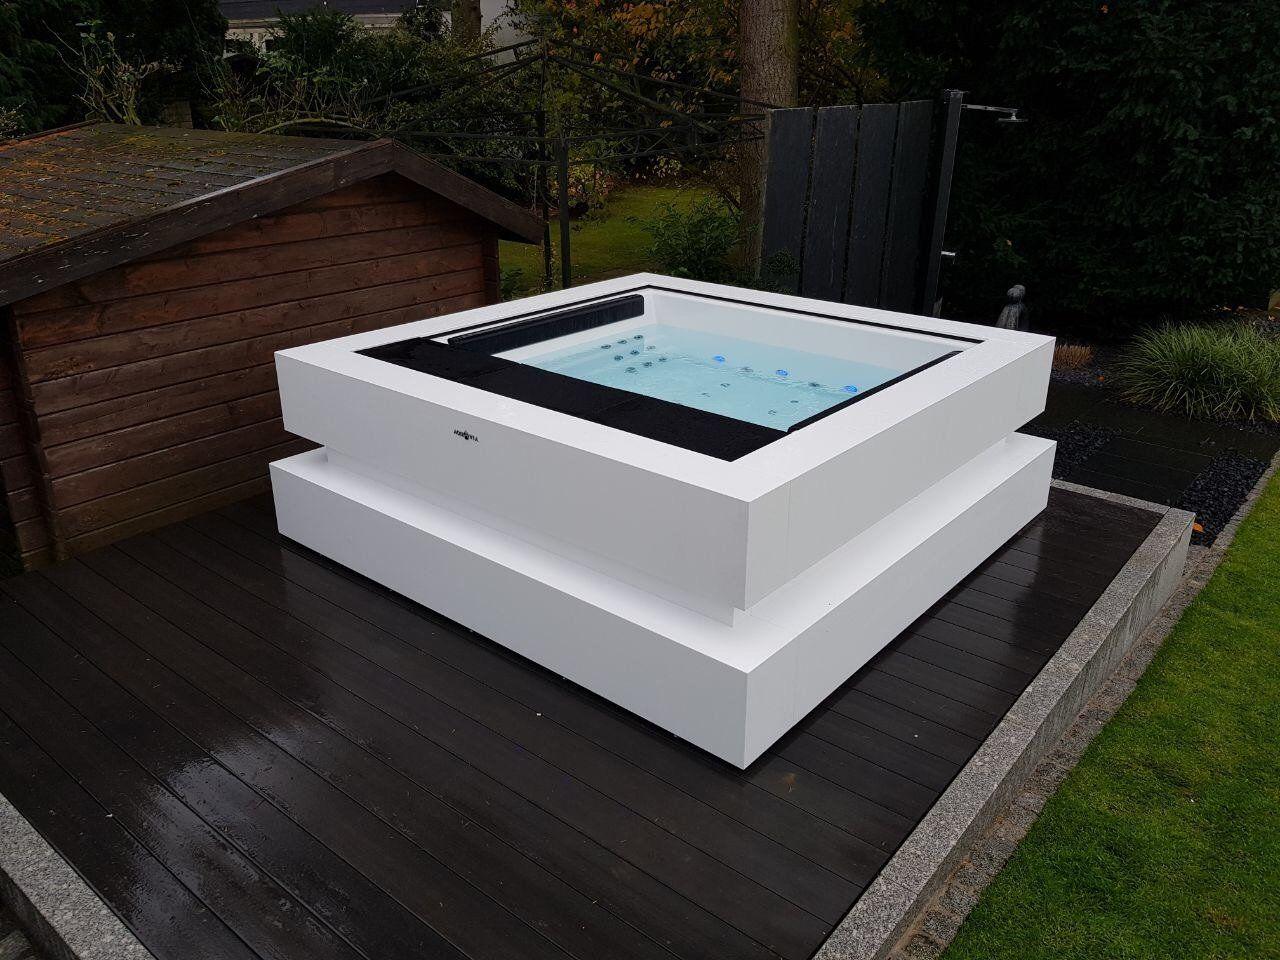 AquaviaSpa model Cube